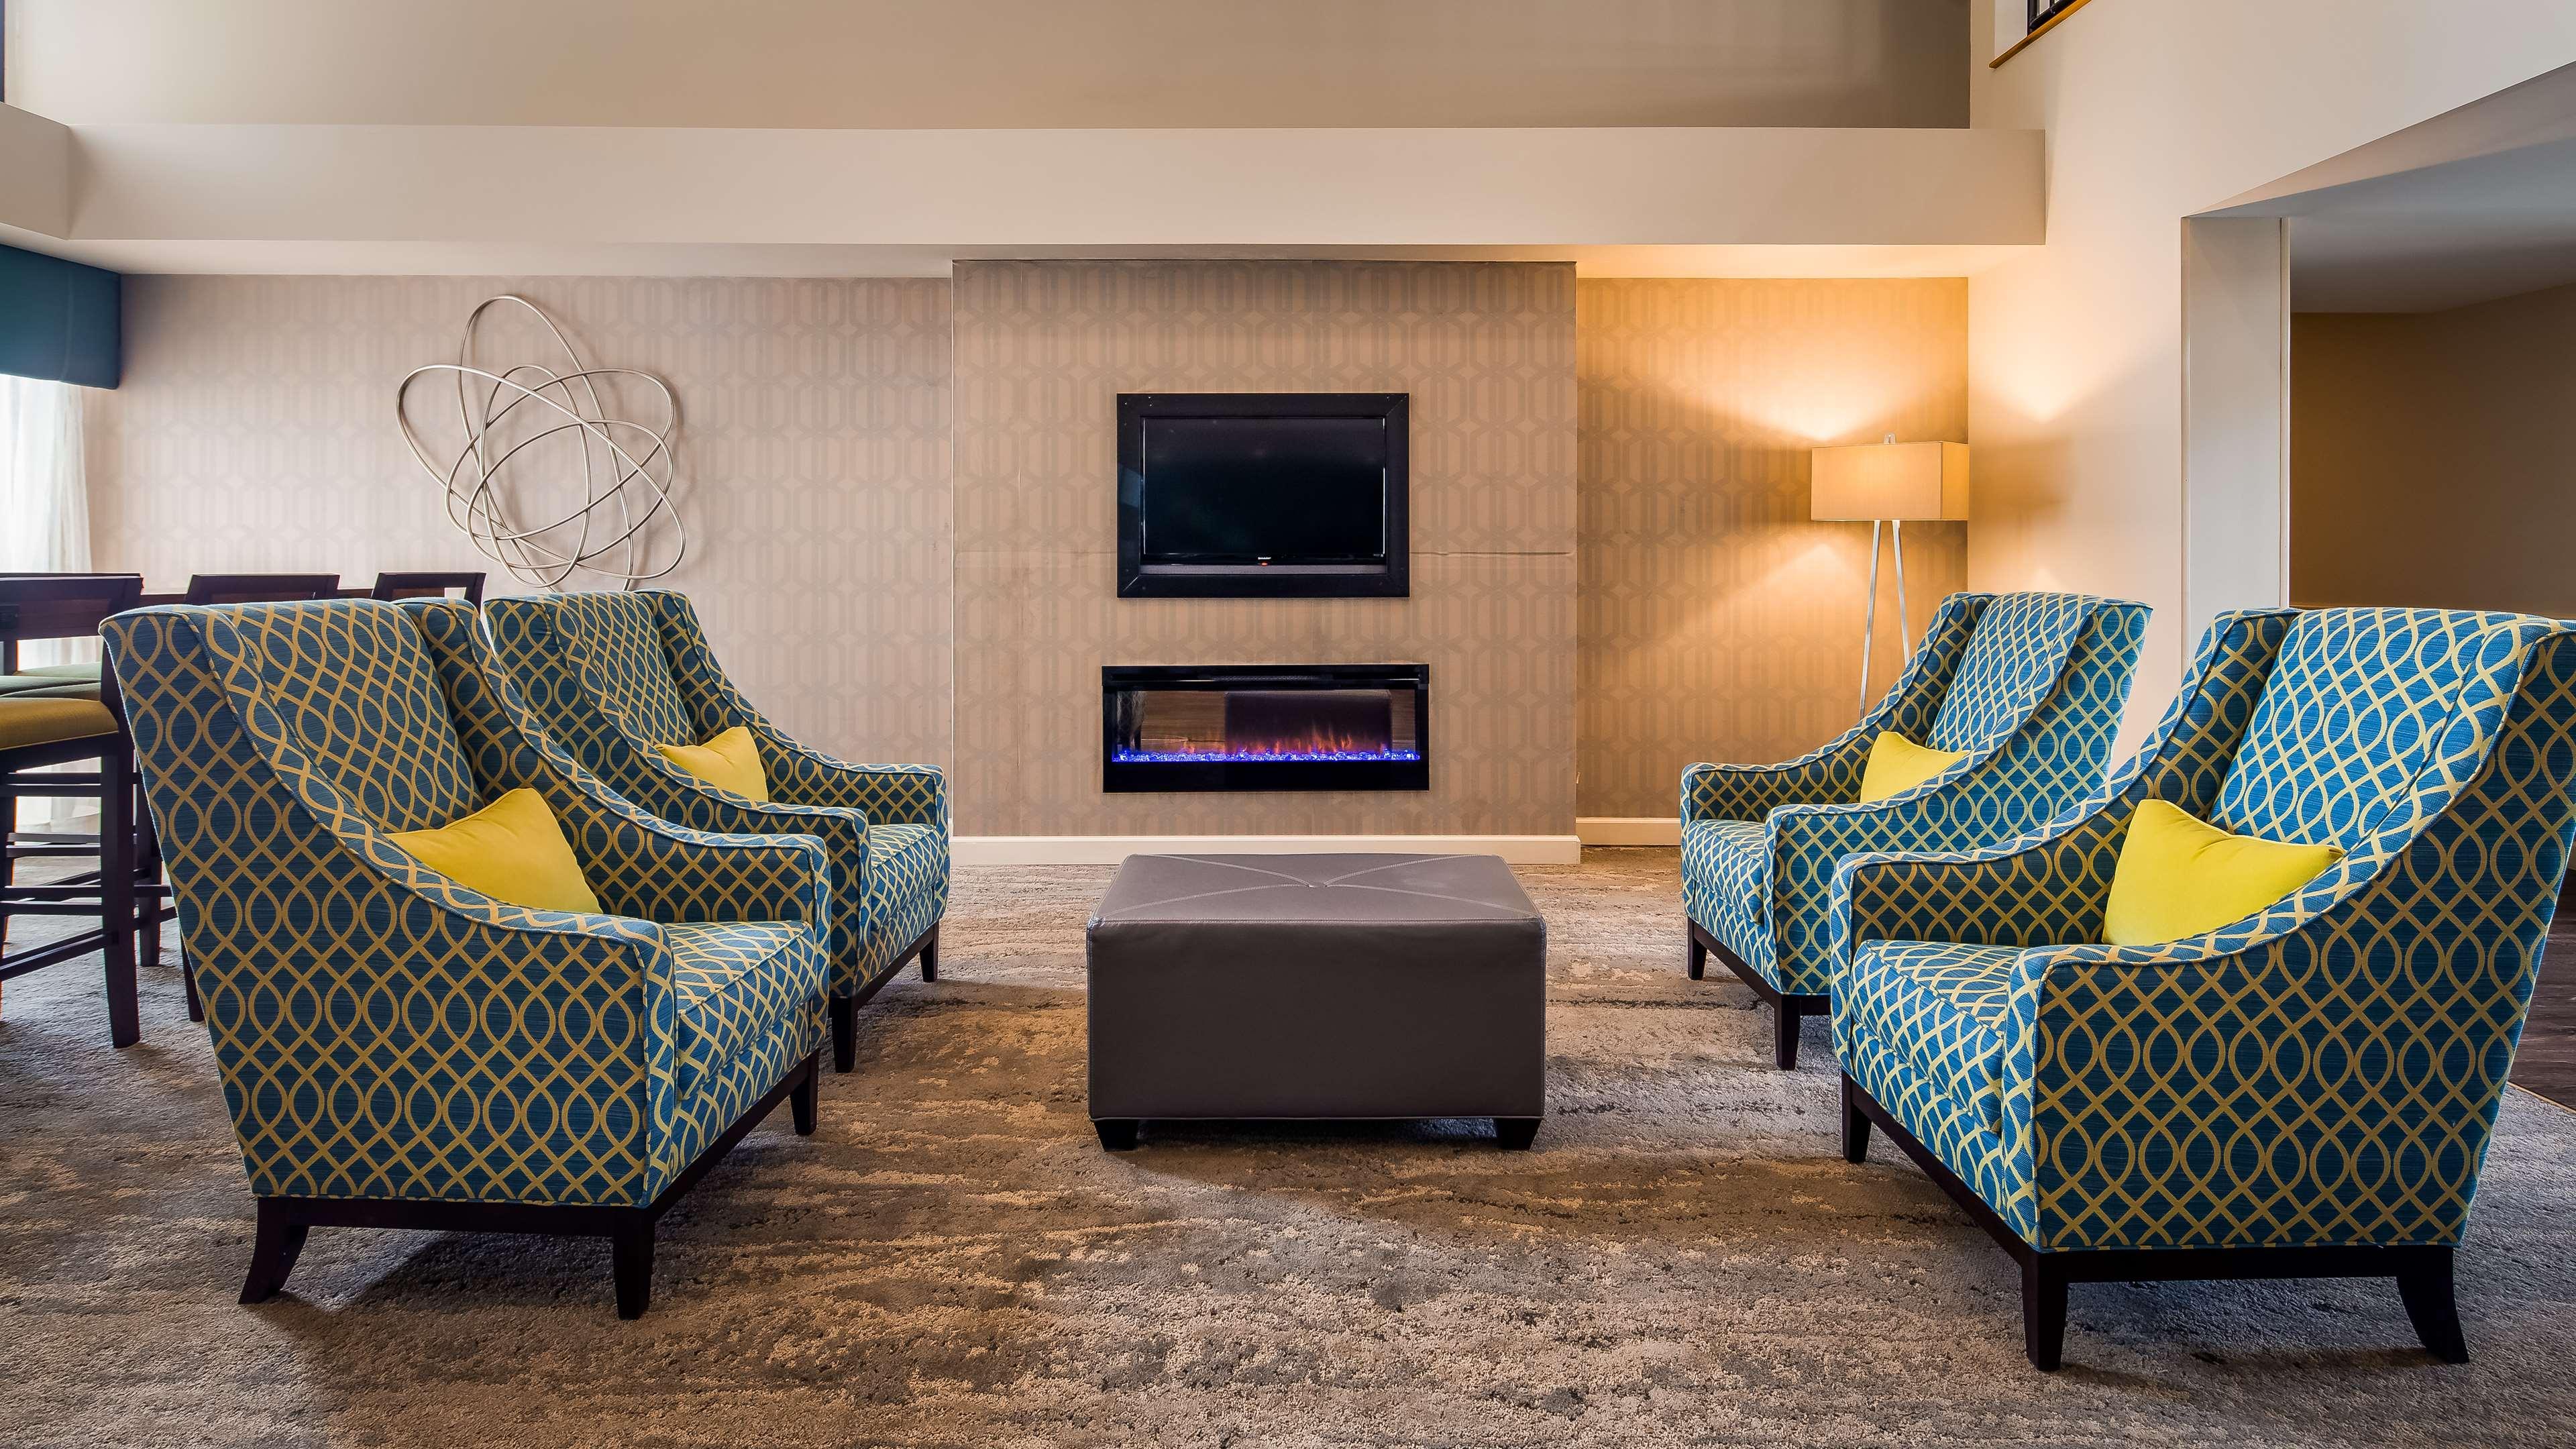 Best Western Plus Yadkin Valley Inn & Suites image 1